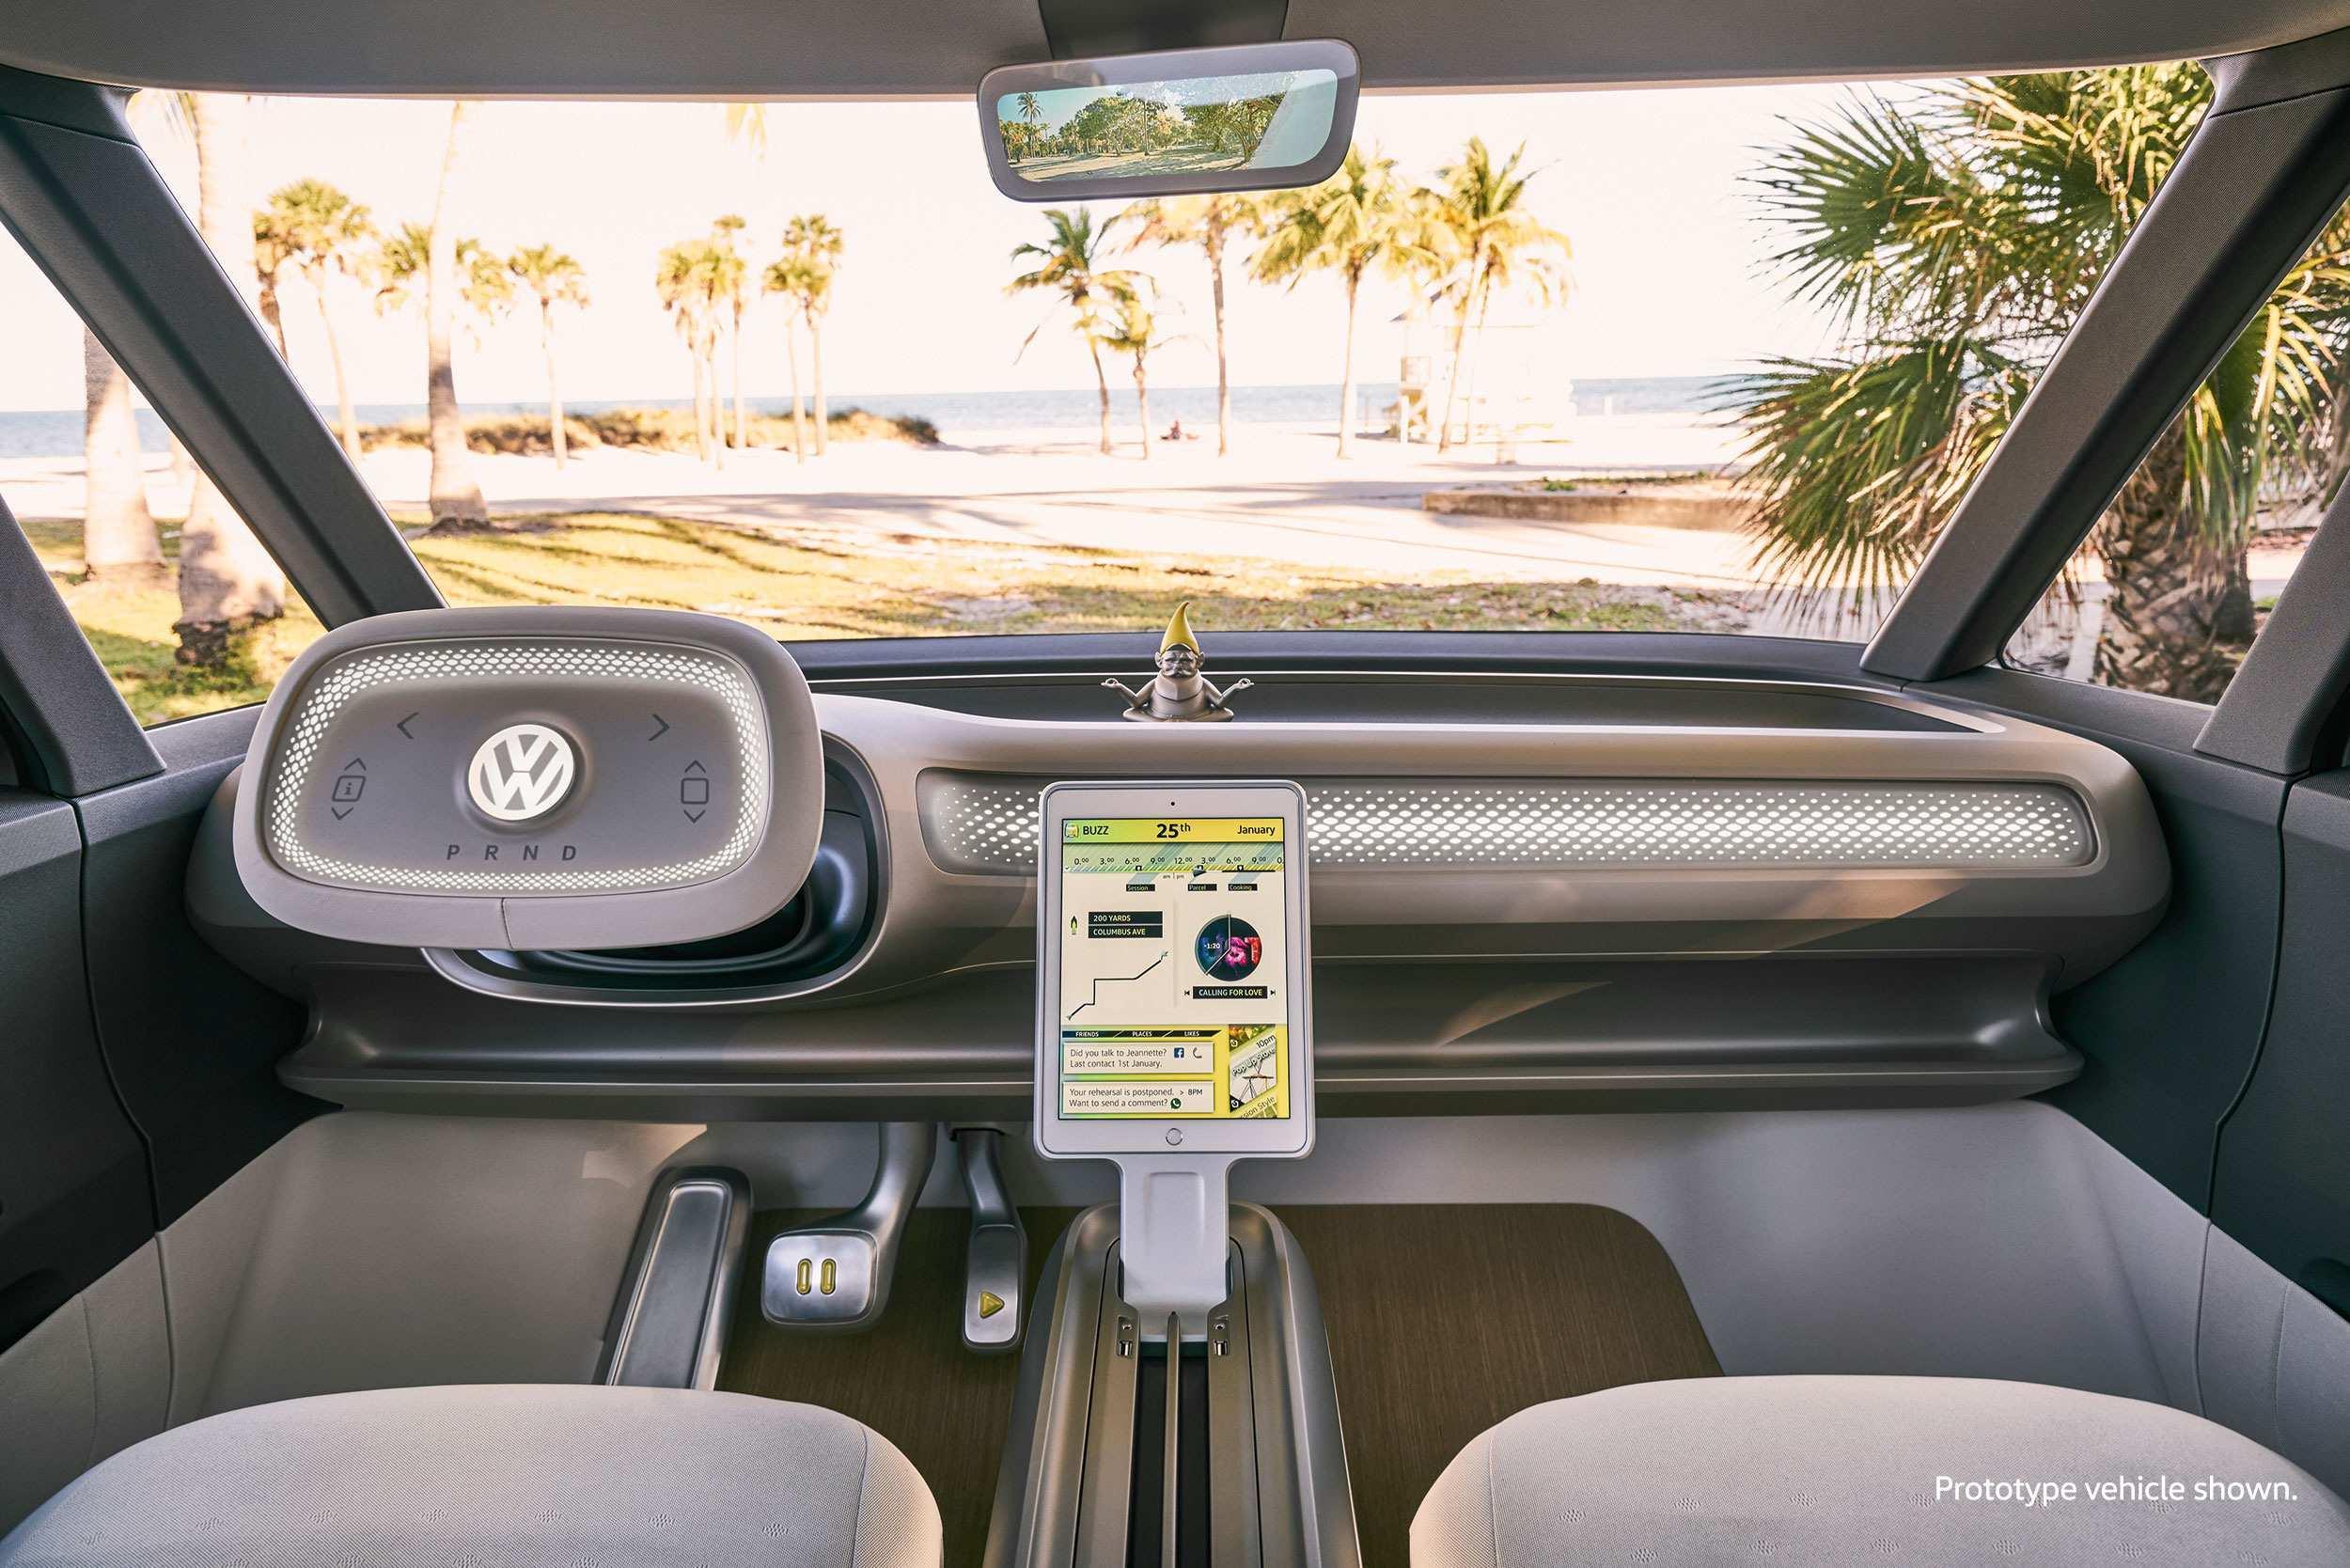 43 New Volkswagen Camper 2020 Redesign and Concept by Volkswagen Camper 2020